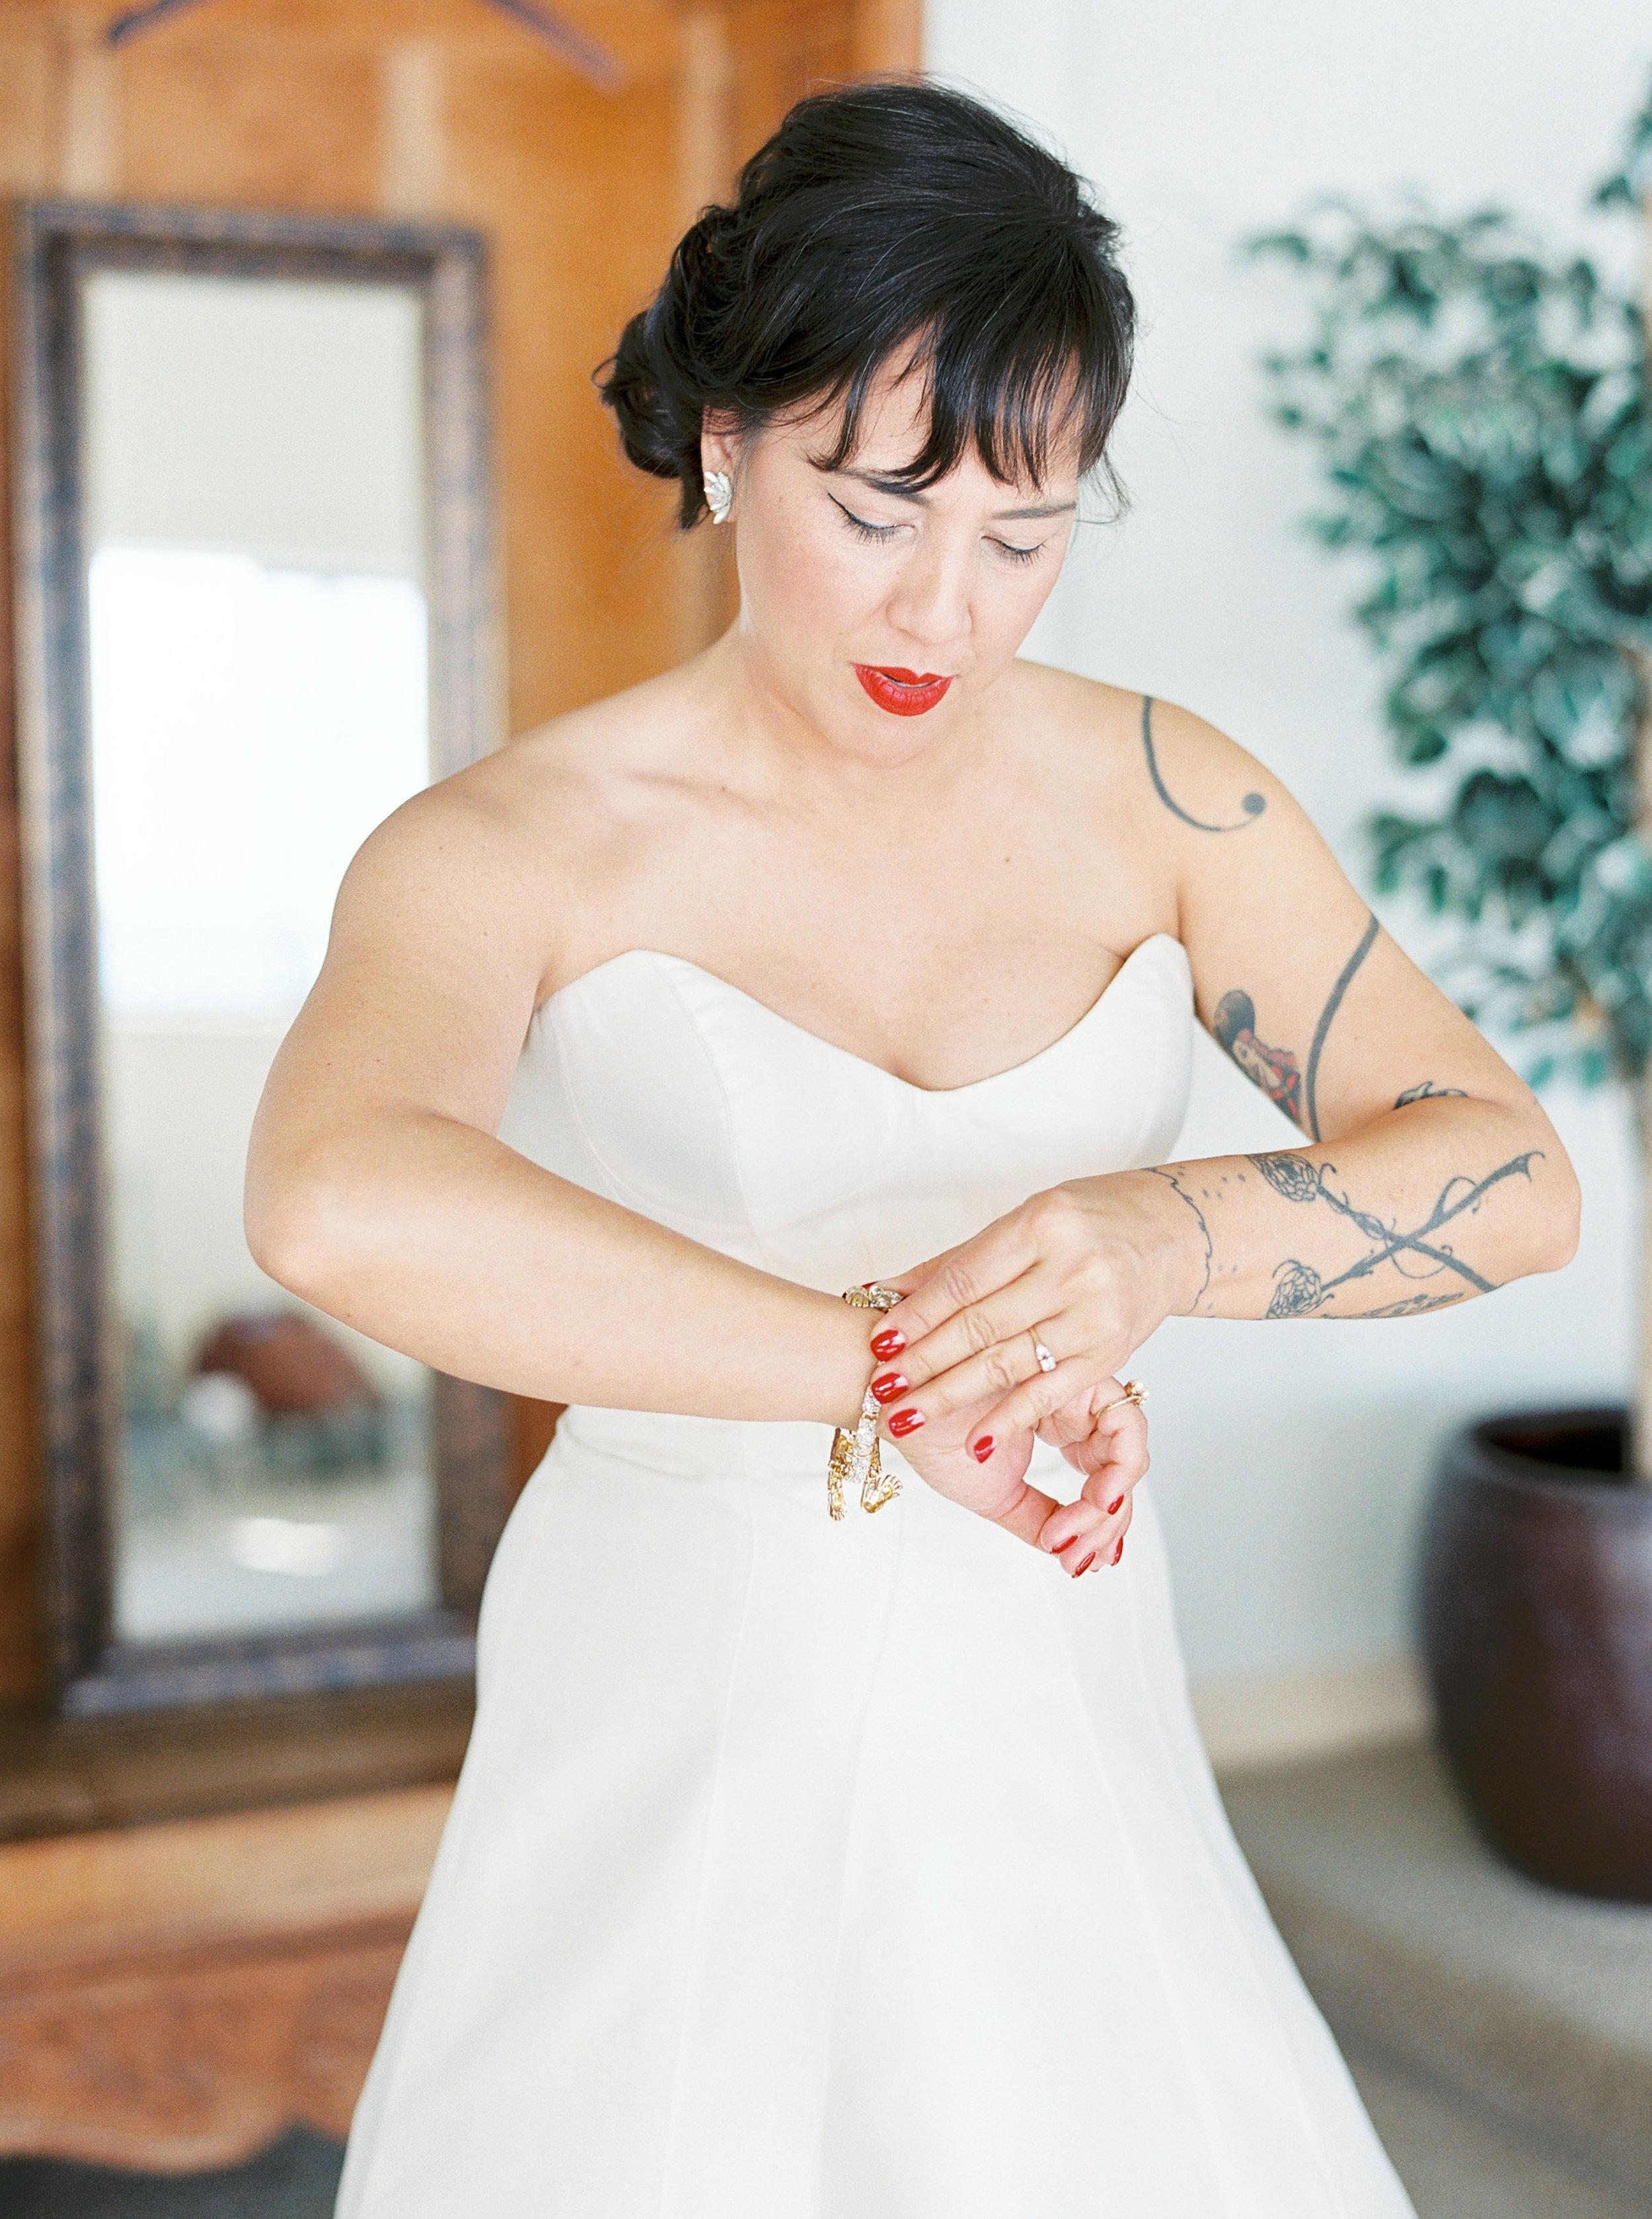 Mavericks-event-center-wedding-in-half-moon-bay-california500.jpg